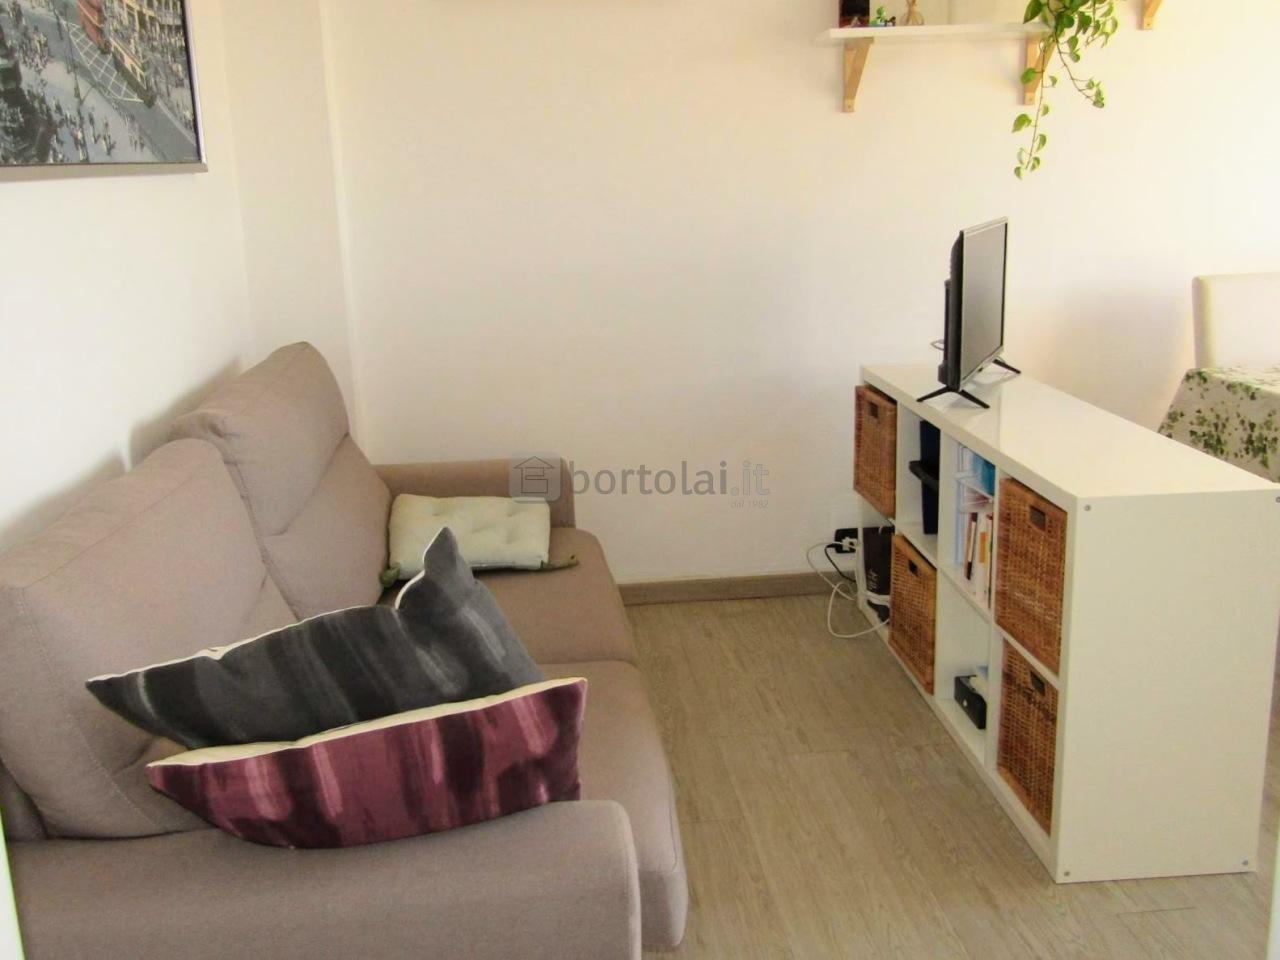 Appartamenti e Attici GENOVA vendita  Borgoratti  Immobiliare Bortolai.it Srl